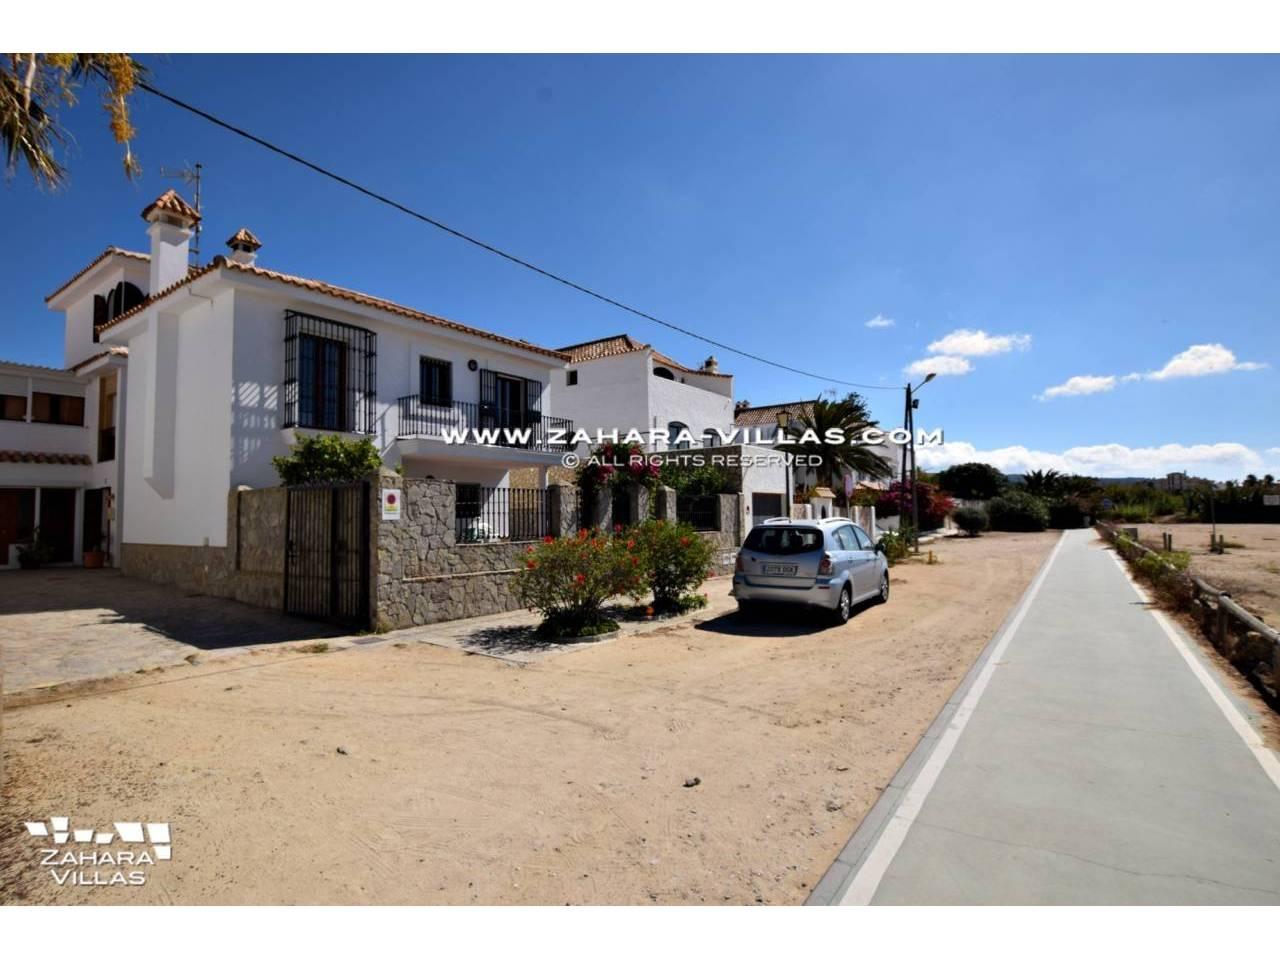 Haus Zum Verkauf Direkt Am Strand Mit Meerblick In Zahara De Los